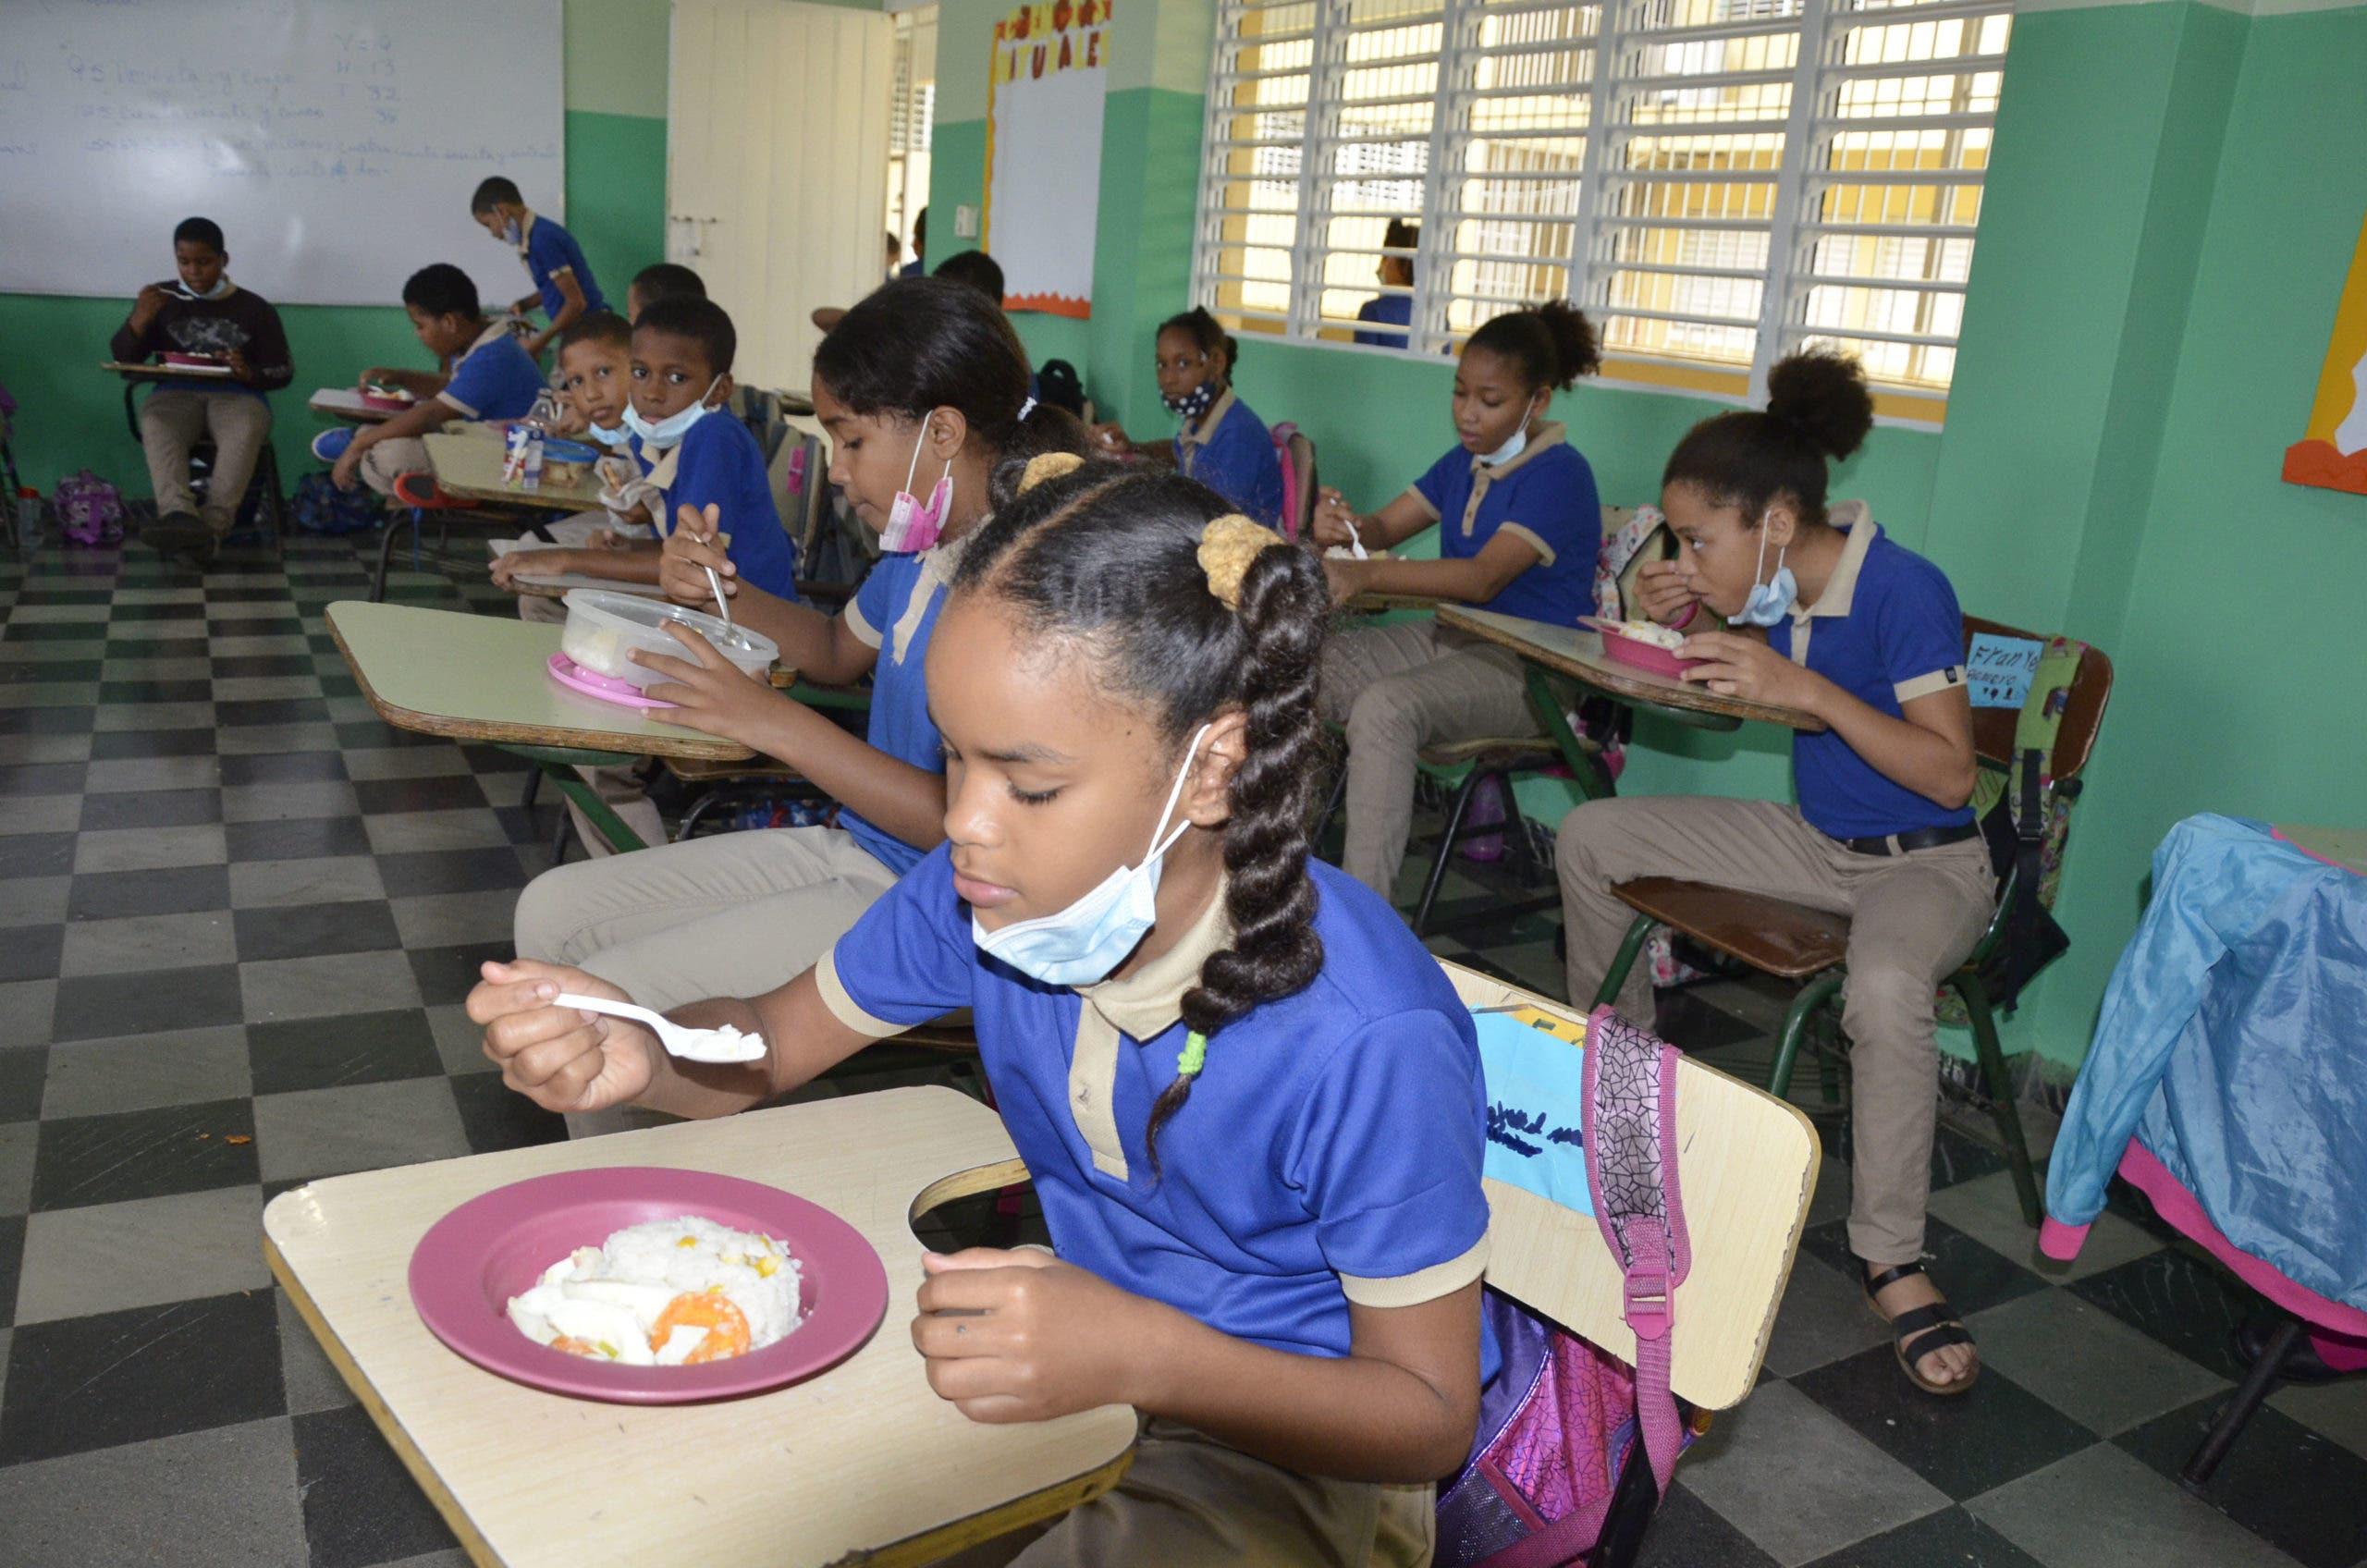 Así fue el primer día de entrega del almuerzo escolar para la Jornada Extendida/ Fotos: José de León